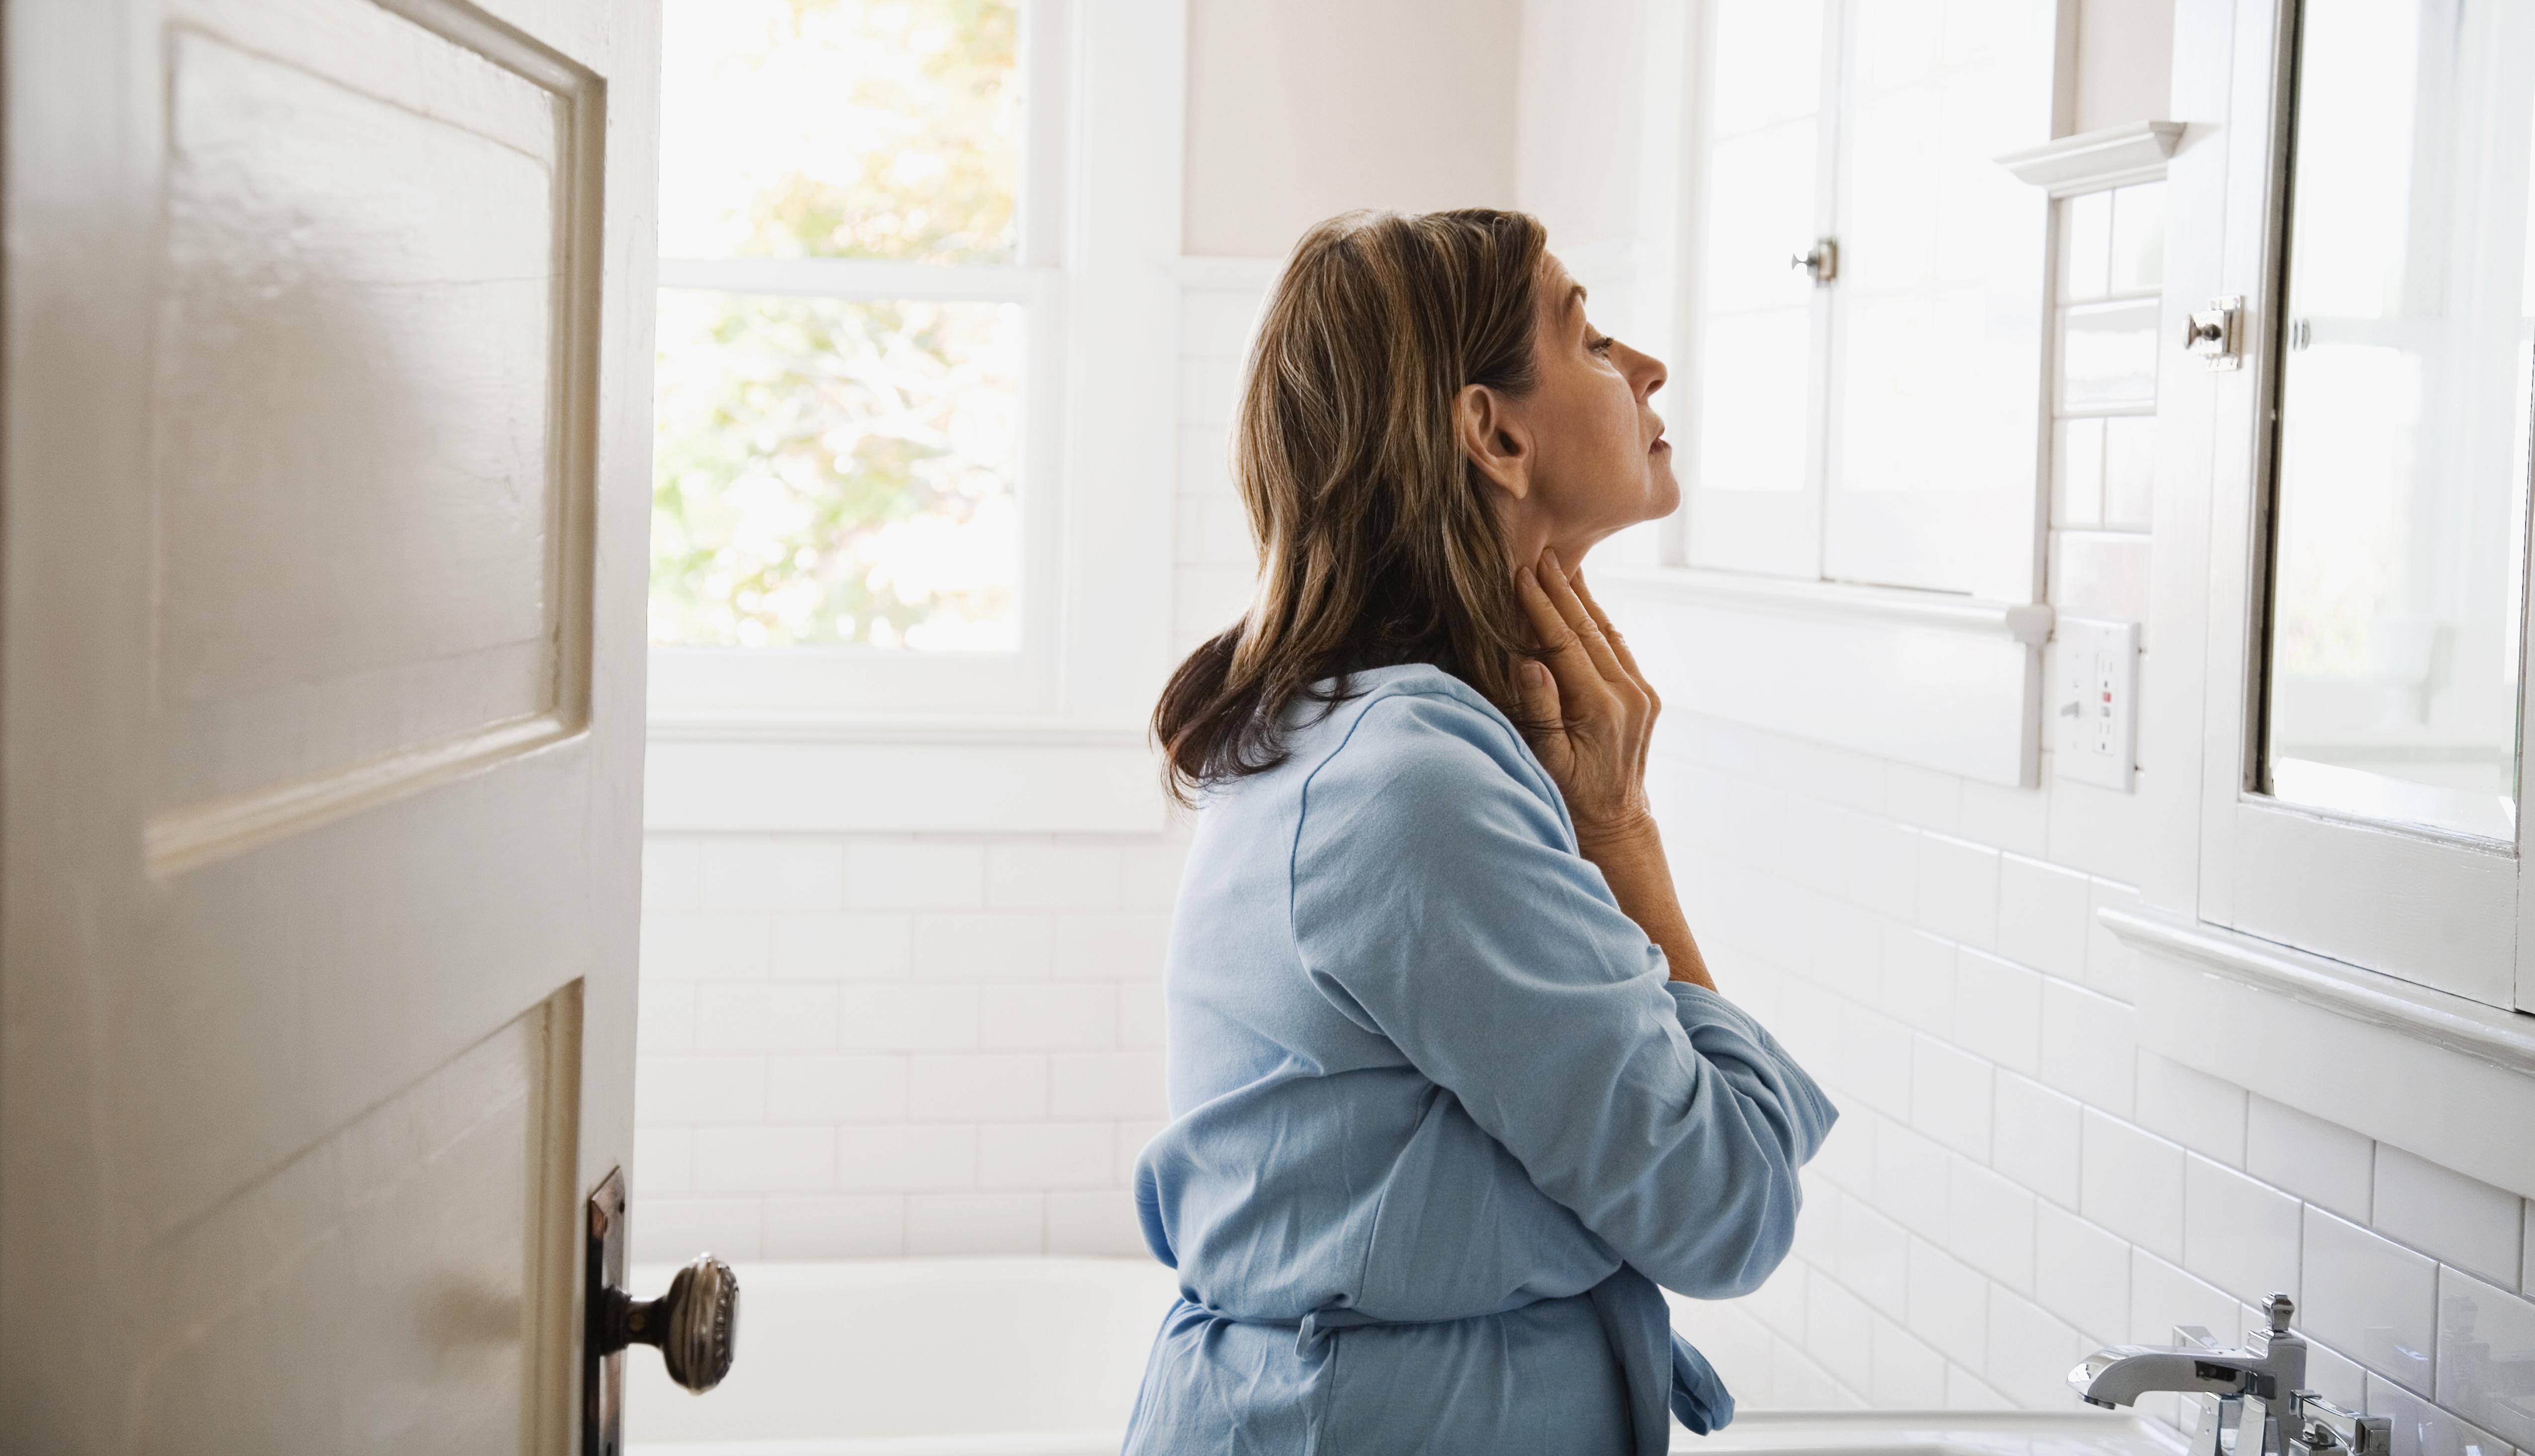 Una mujer se mira e inspecciona su apariencia frente a un espejo